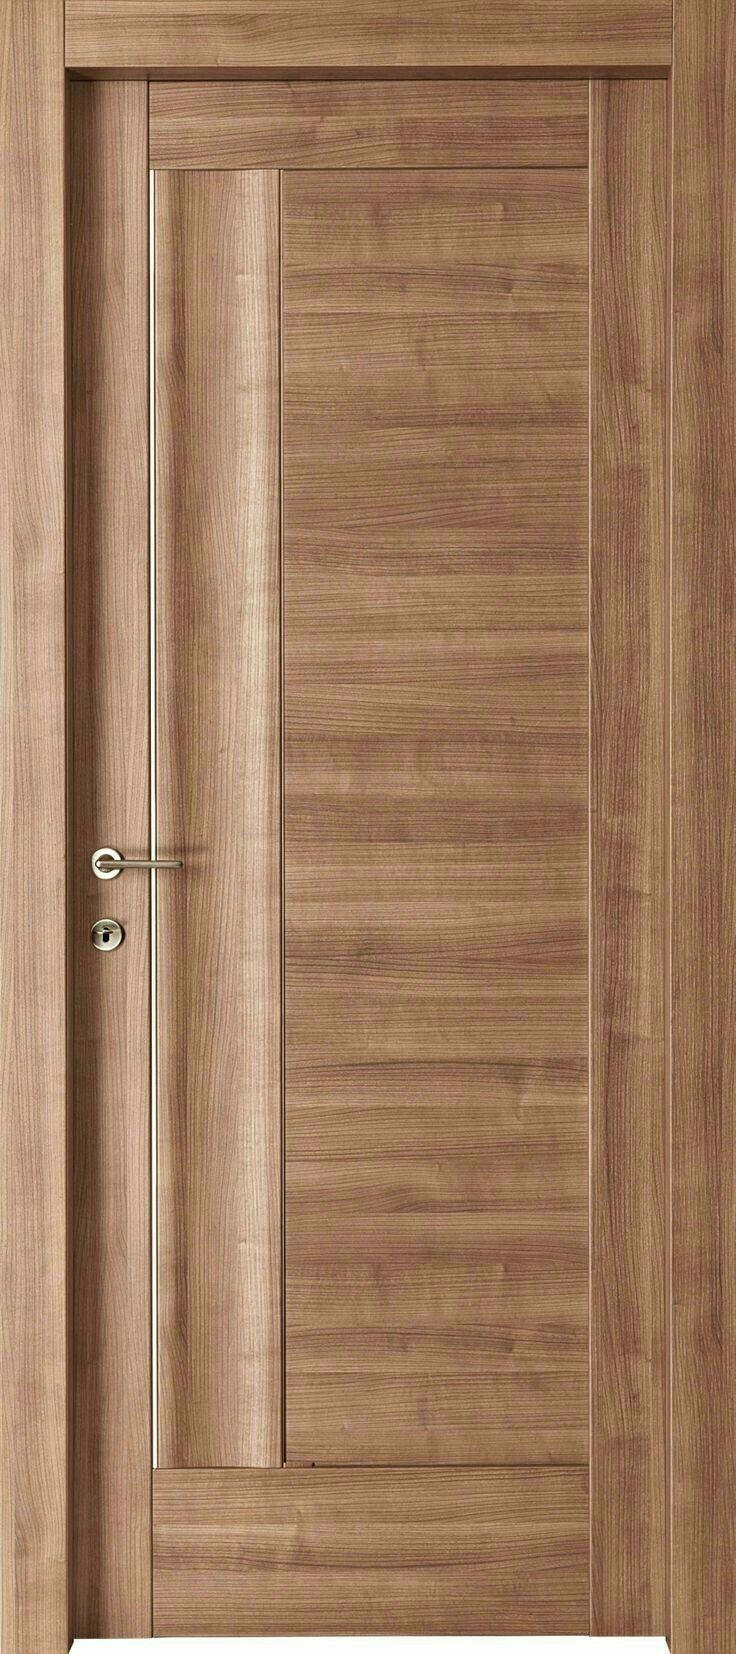 Oltre 1000 idee su porte del garage in legno su pinterest ...